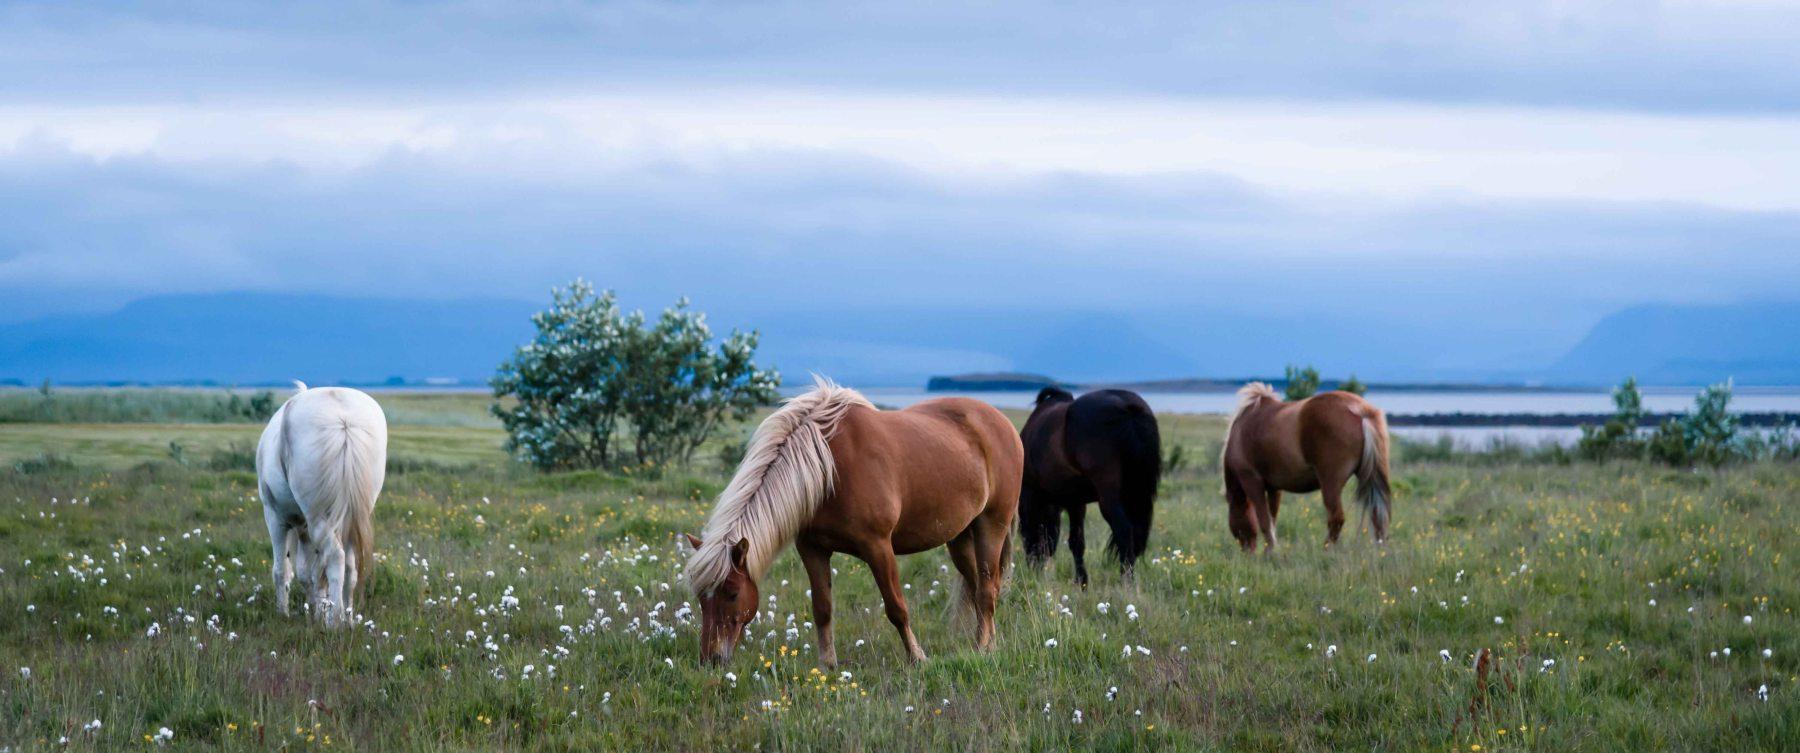 neilson travel photography landscape iceland horses cinematic group